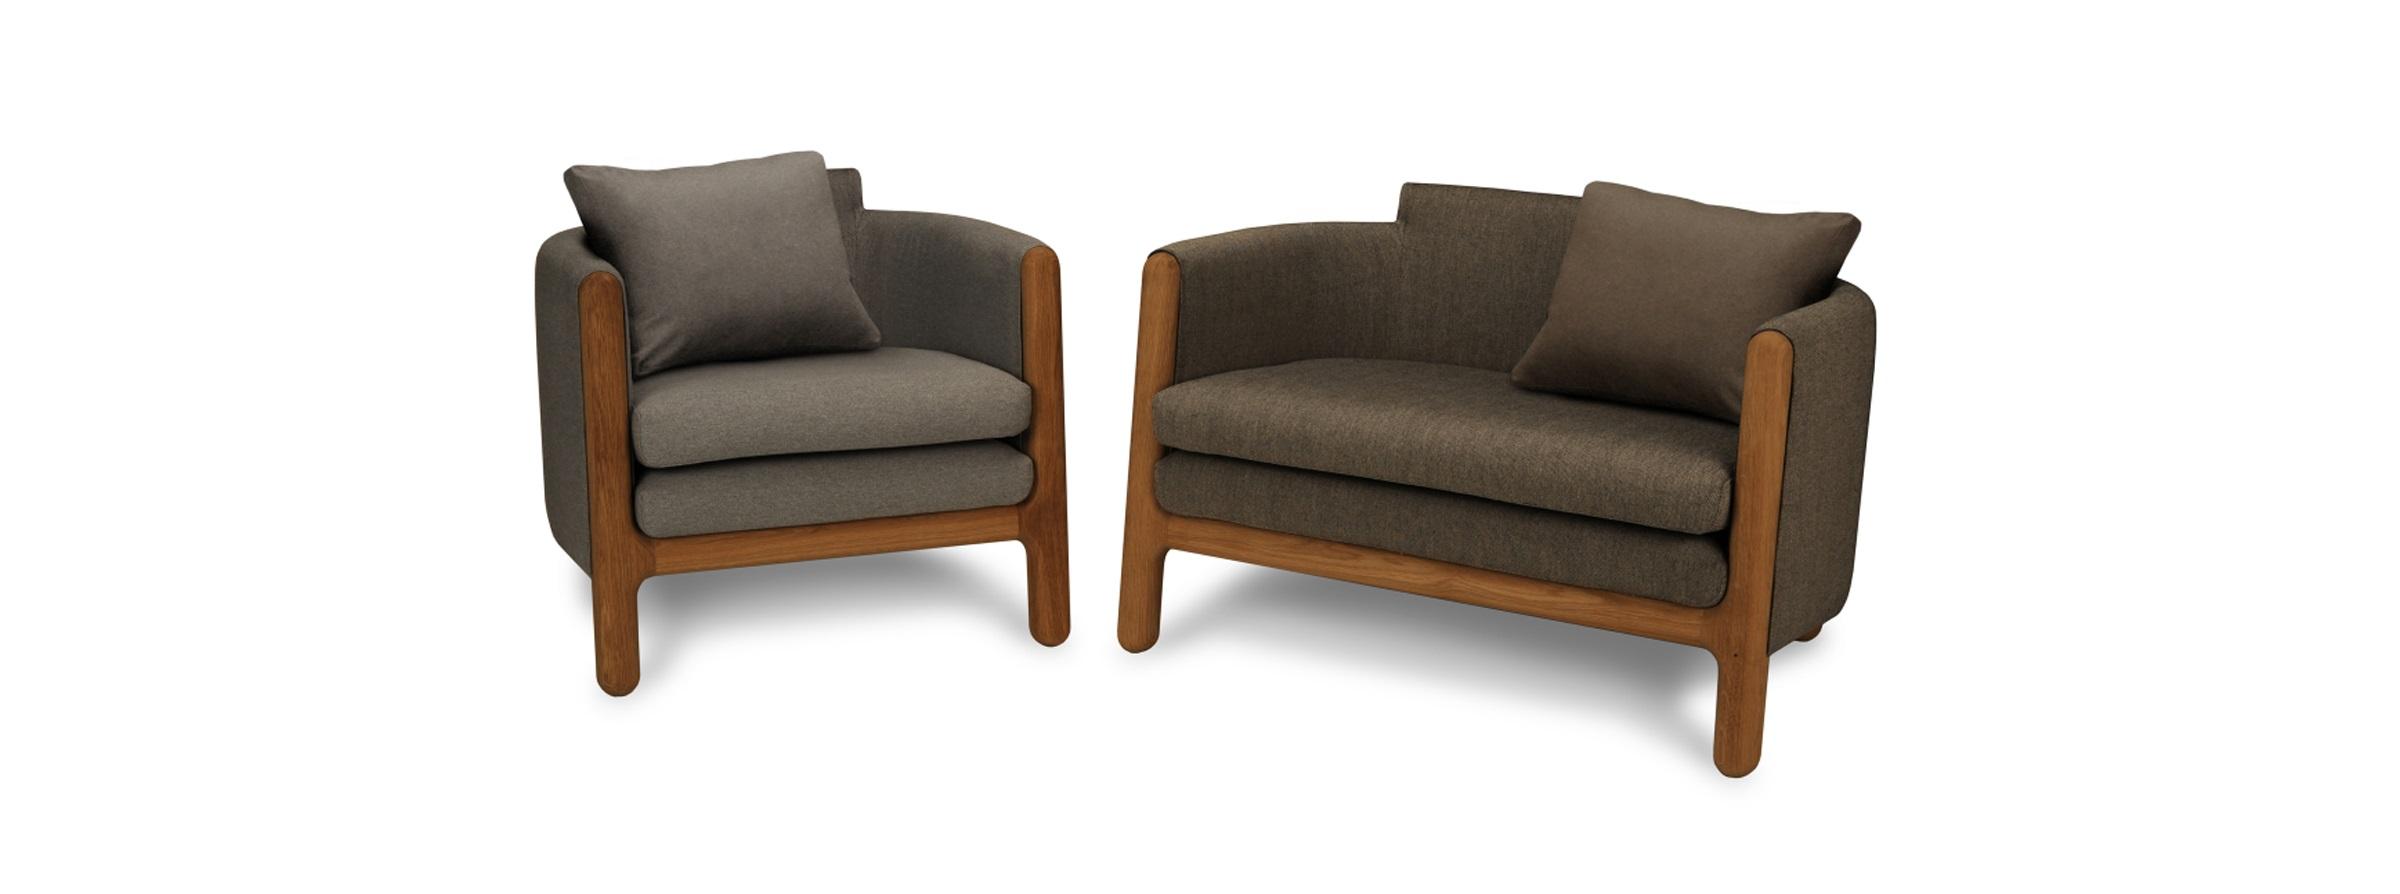 Désio-POMPON-fauteuil-personnalisable-français-tissu-architecte-duo